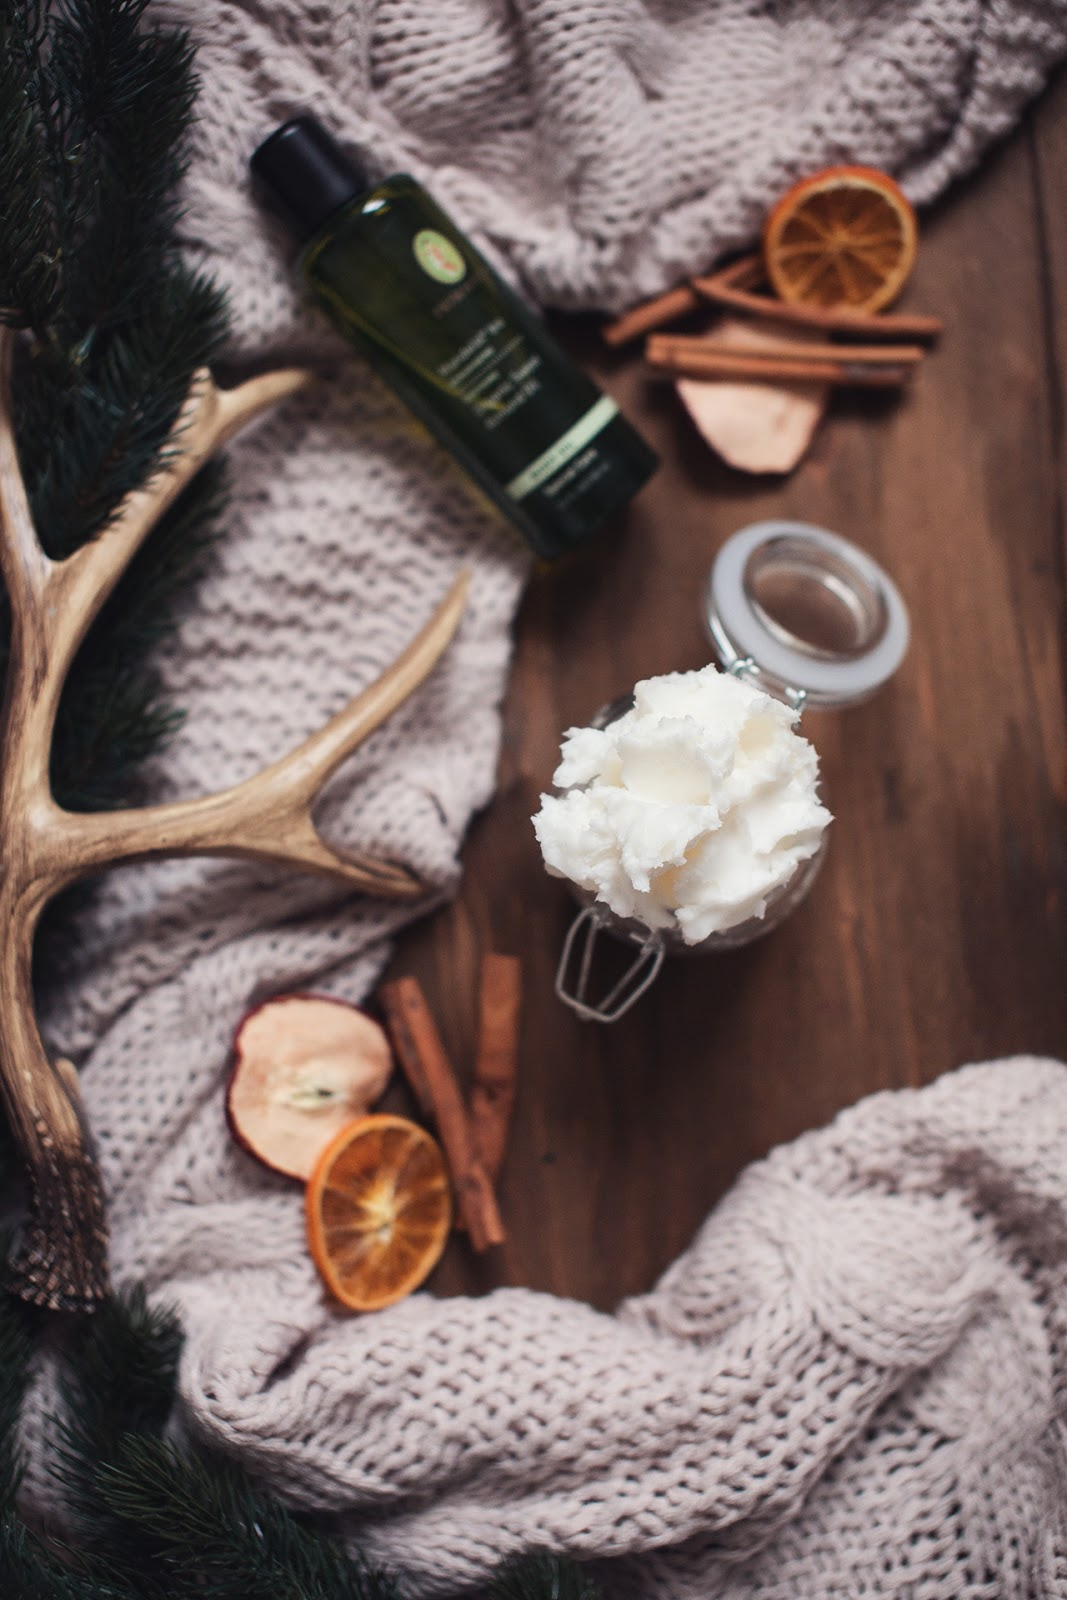 inlovewith: DIY Weihnachtsgeschenk: Organic Shaving Cream für Männer